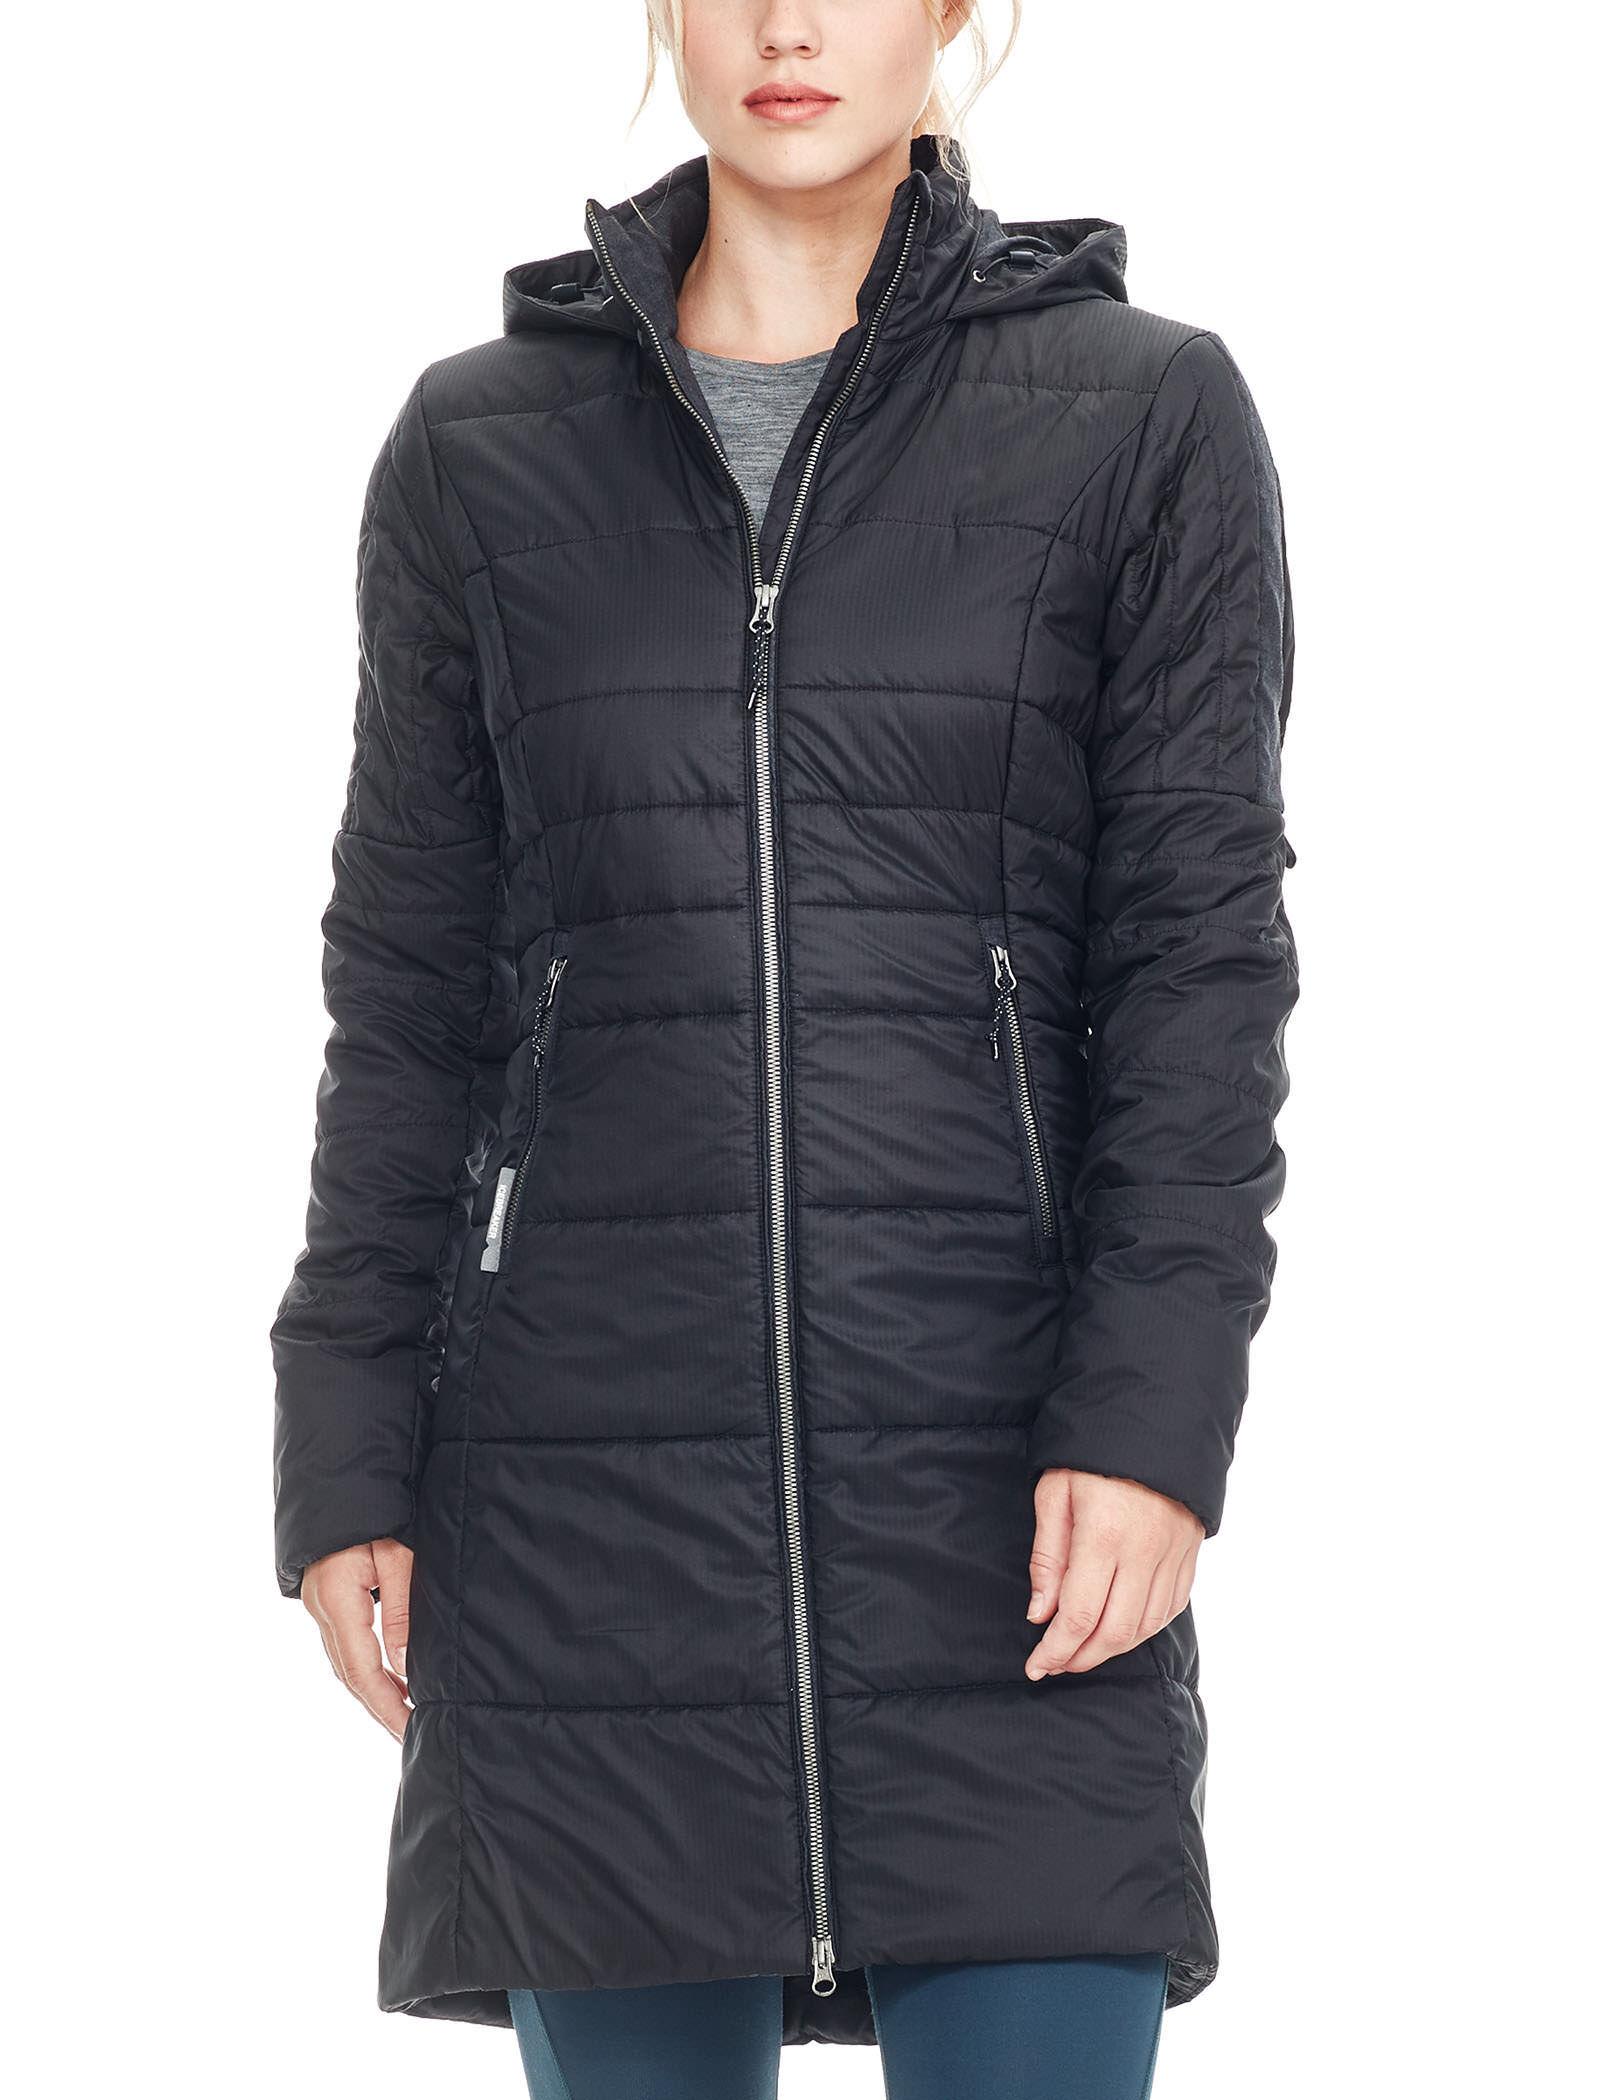 Hooded Jacket 3q Merinoloft™ Stratus X Damen 3LA45Rjq